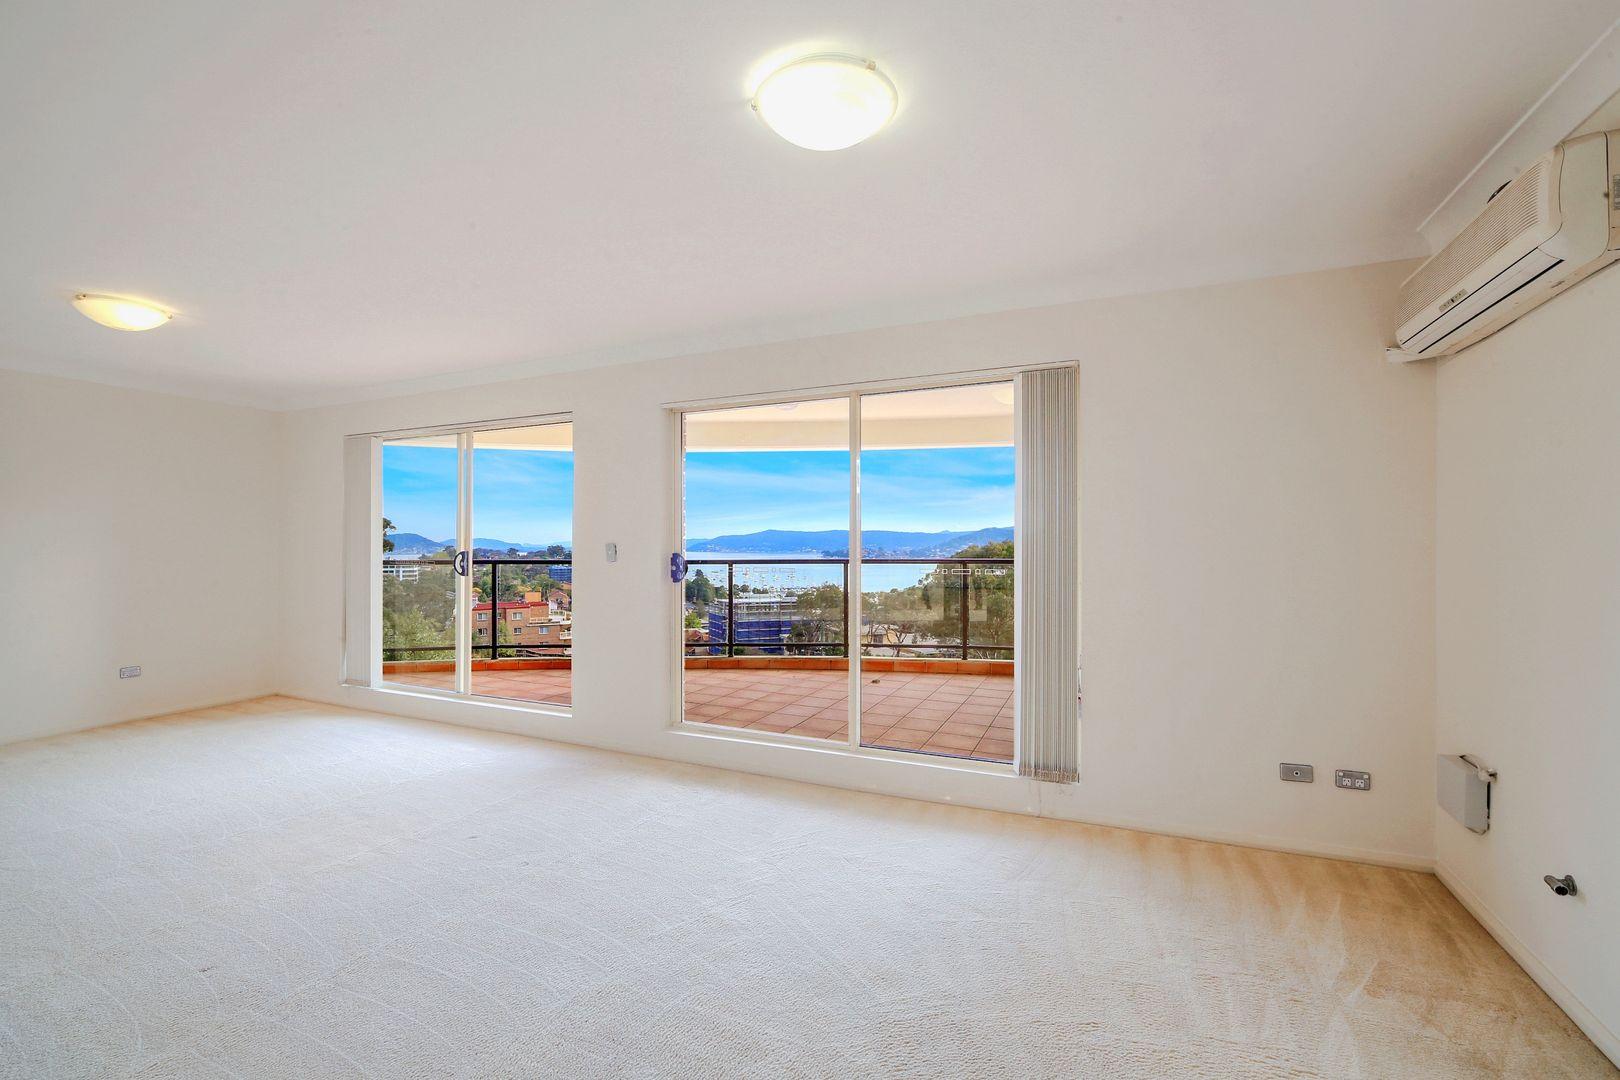 44/92 John Whiteway Drive, Gosford NSW 2250, Image 2